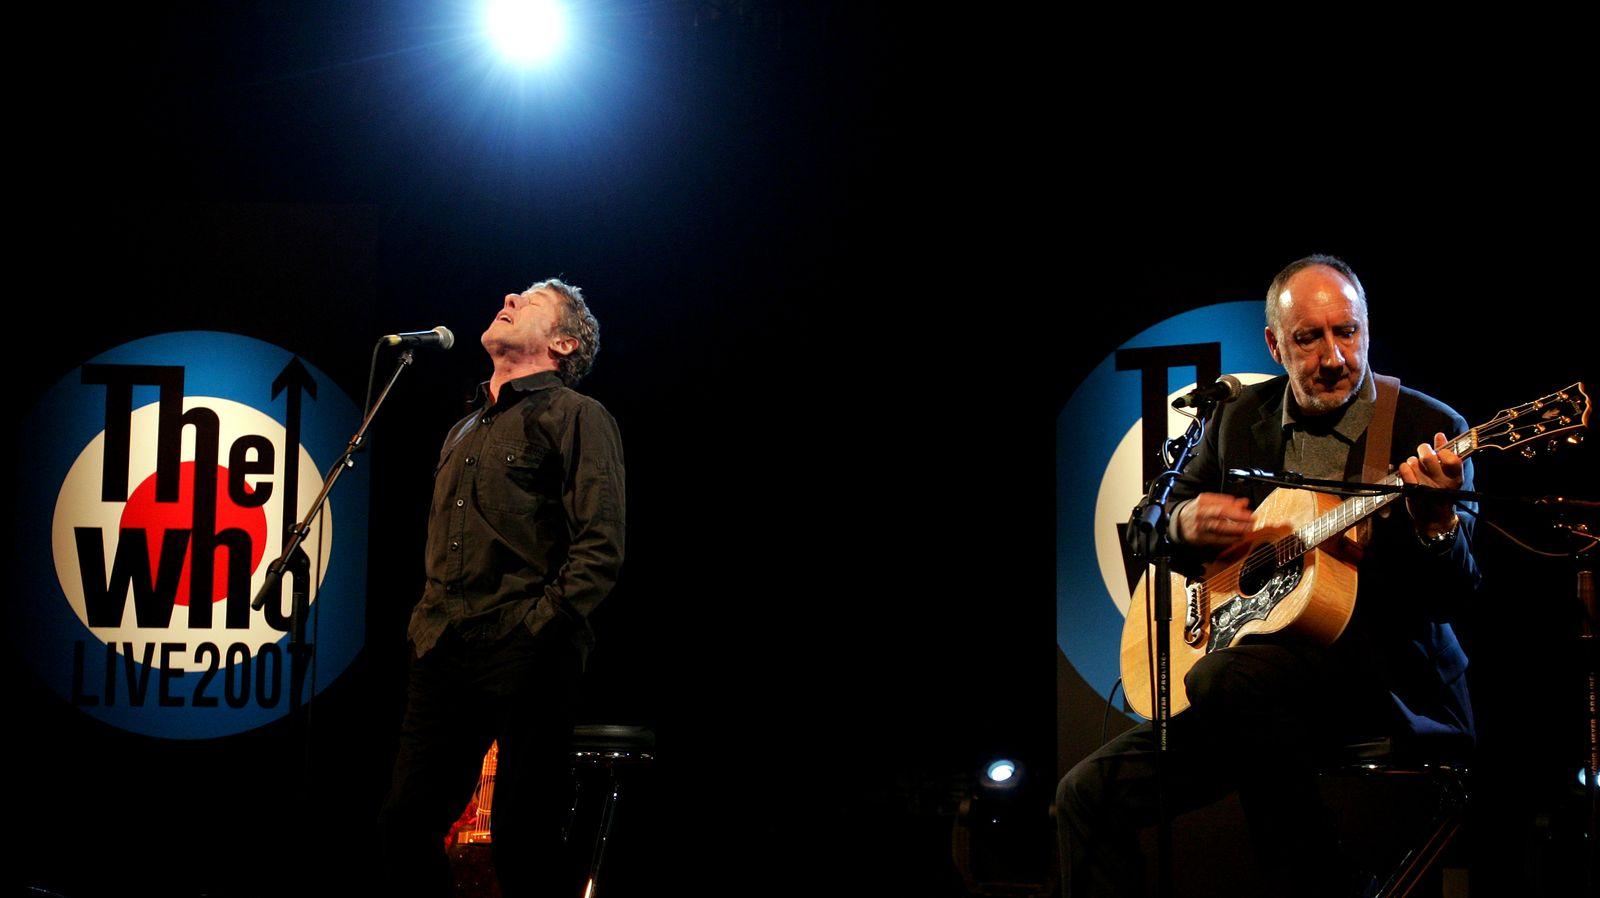 Pete Townshend - Roger Daltrey, Pete Townshend